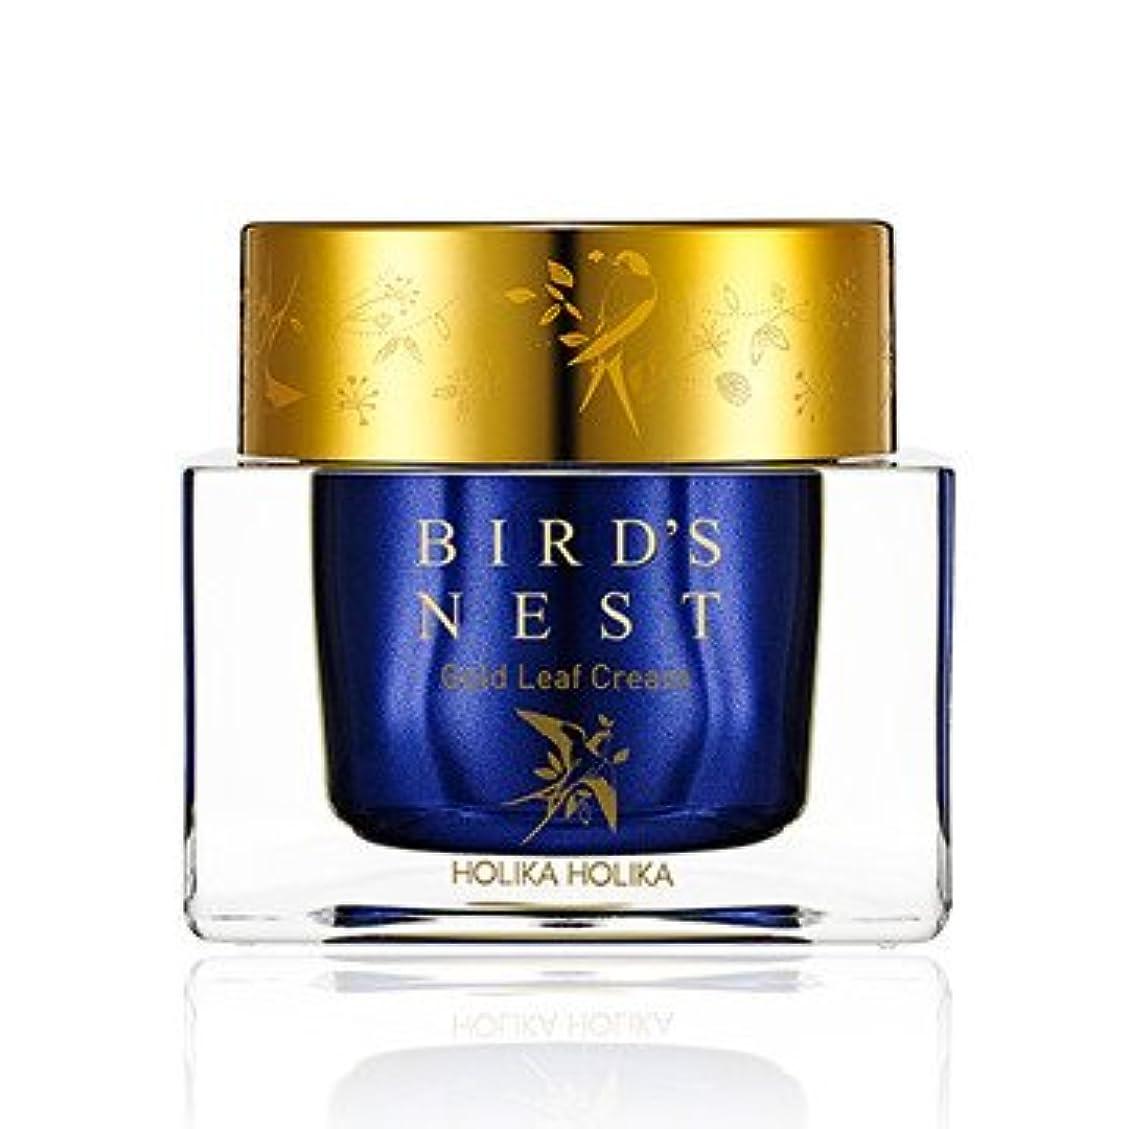 予備大宝[2018 NEW] ホリカホリカ プライムユース バーズネスト ゴールドリーフ クリーム/Holika Holika Prime Youth Birds Nest Gold Leaf Cream 55ml [並行輸入品]